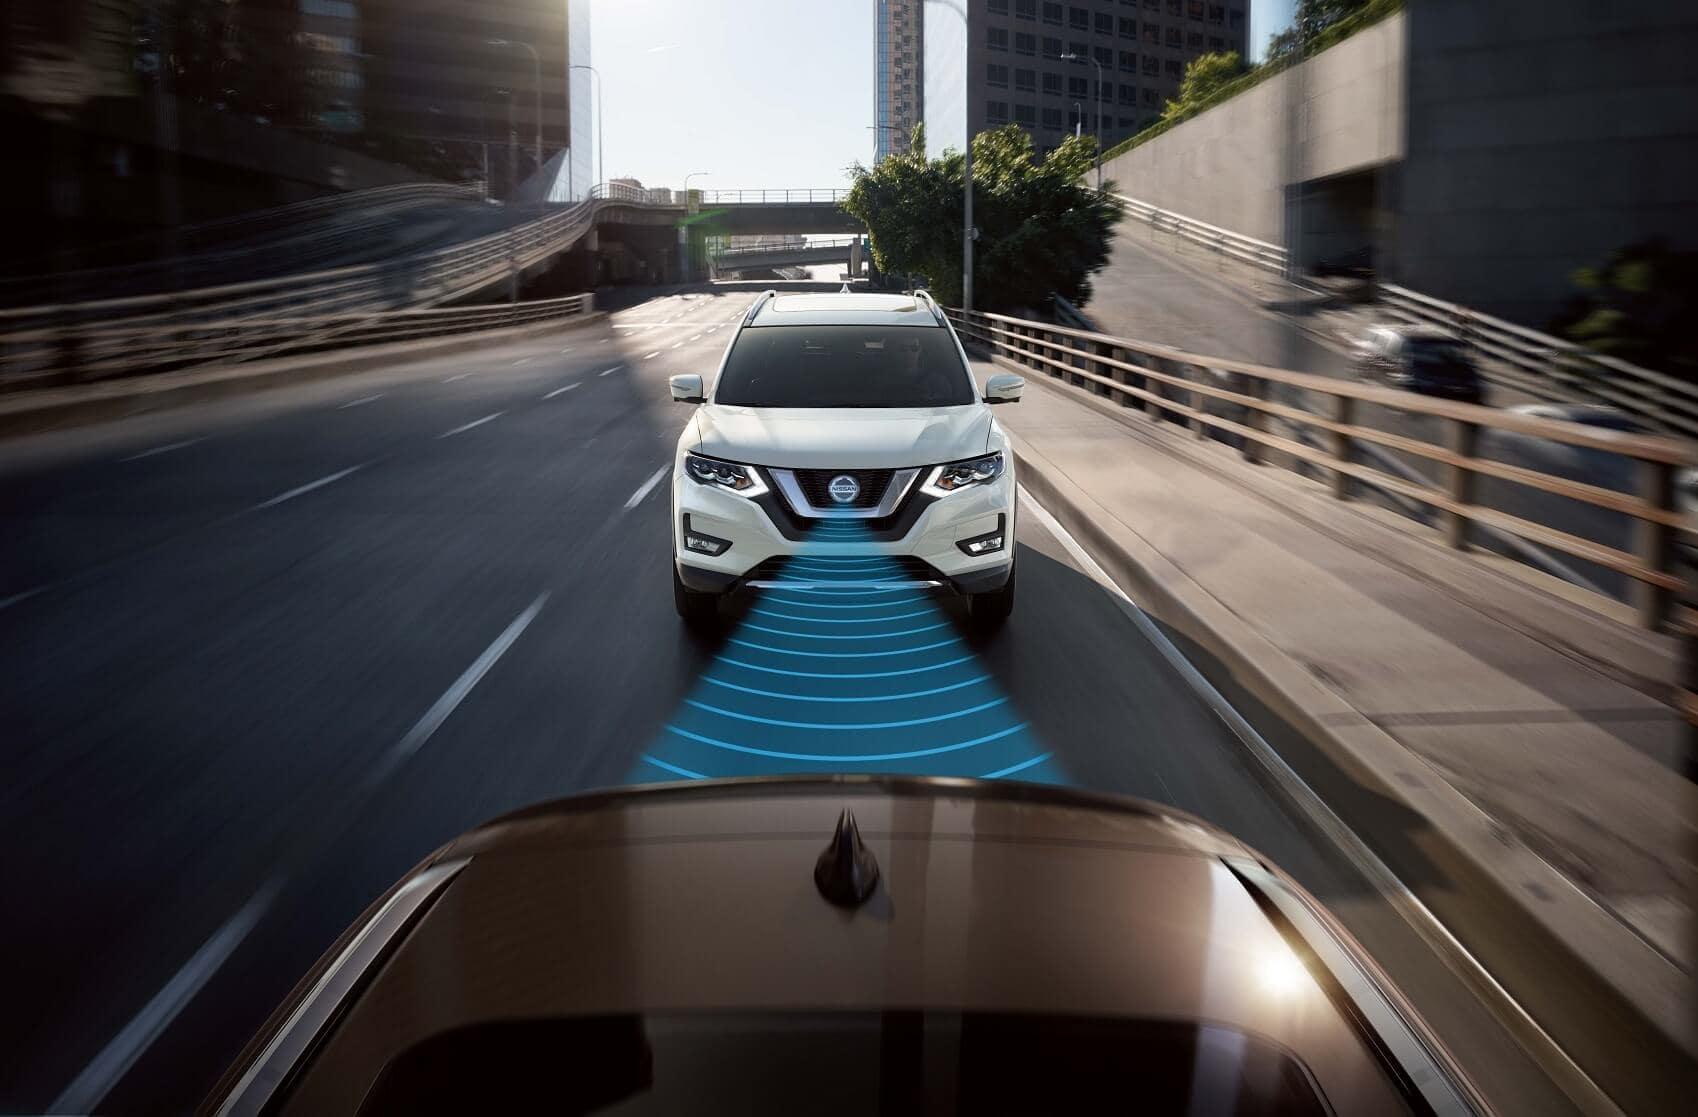 Nissan Rogue Braking Safety